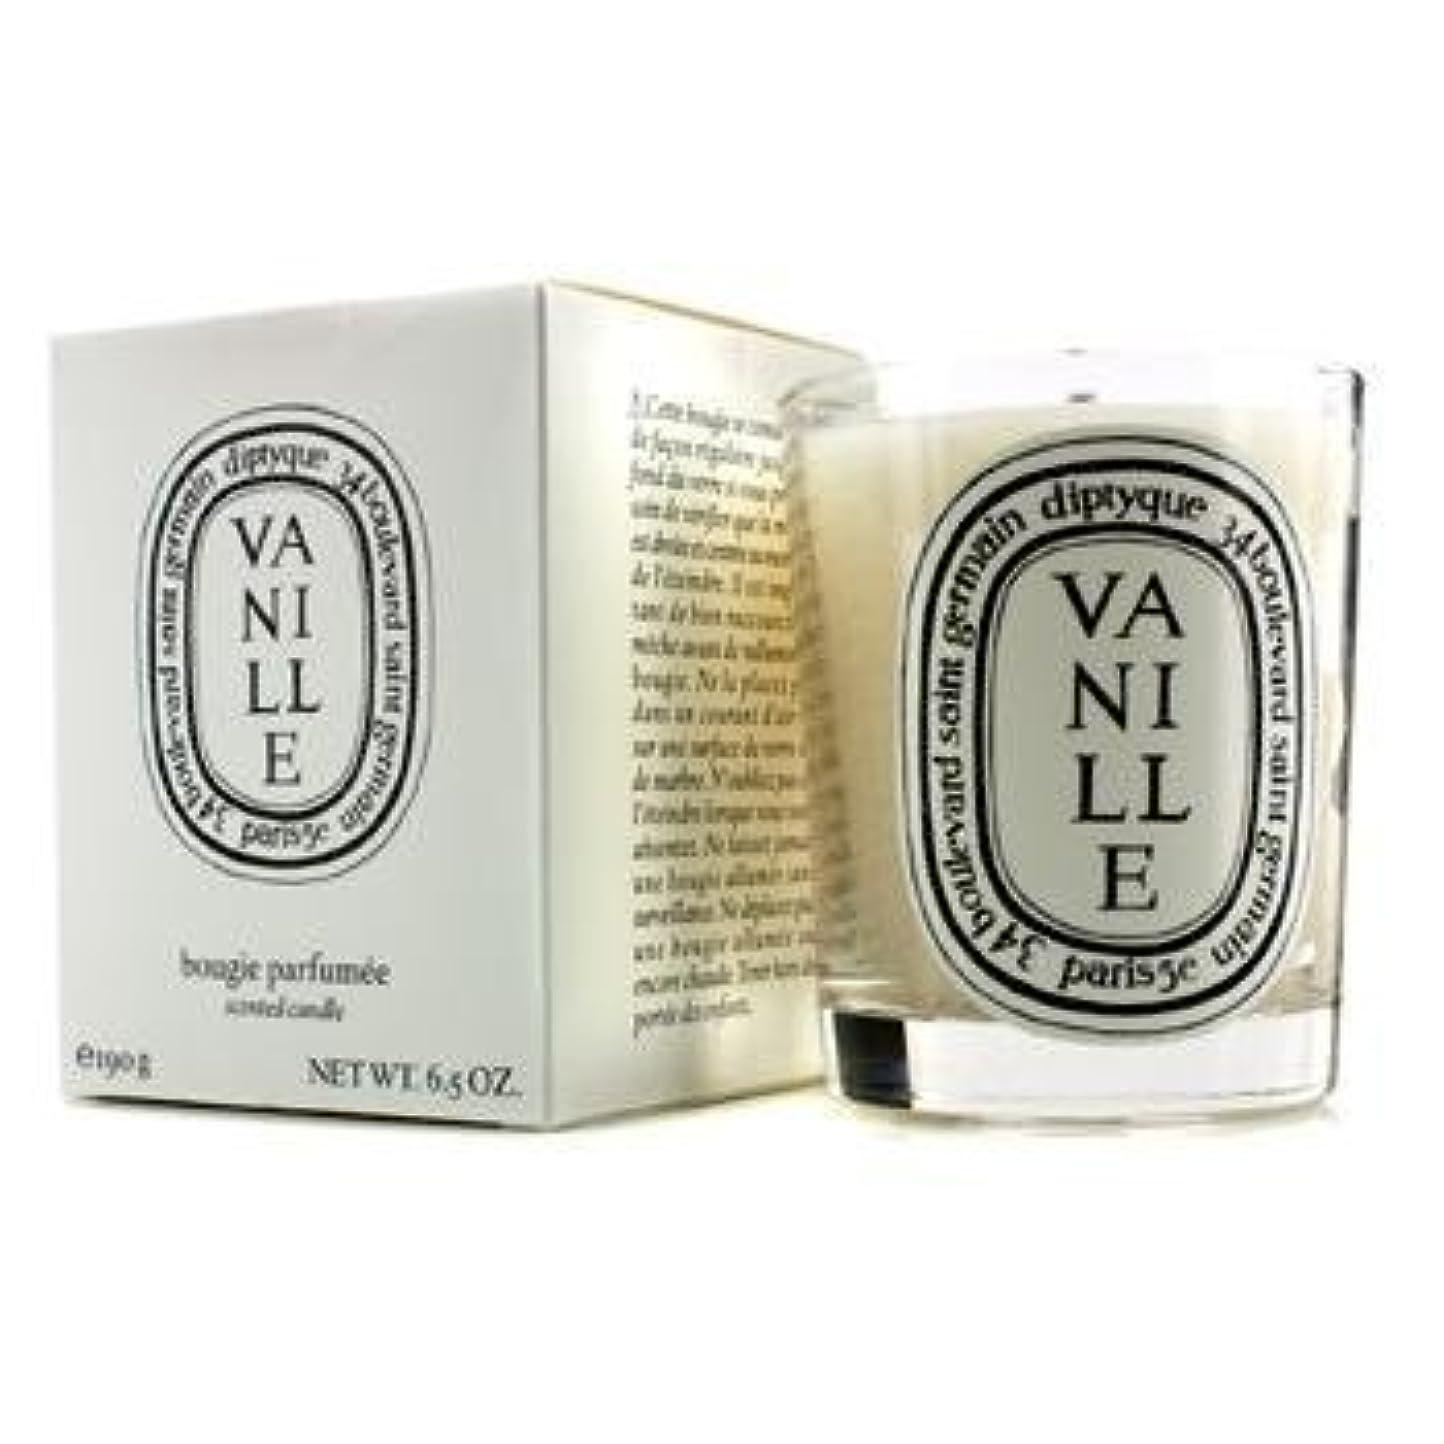 液体自伝透明にDiptyque Vanilla Scented Candle by Diptyque [並行輸入品]